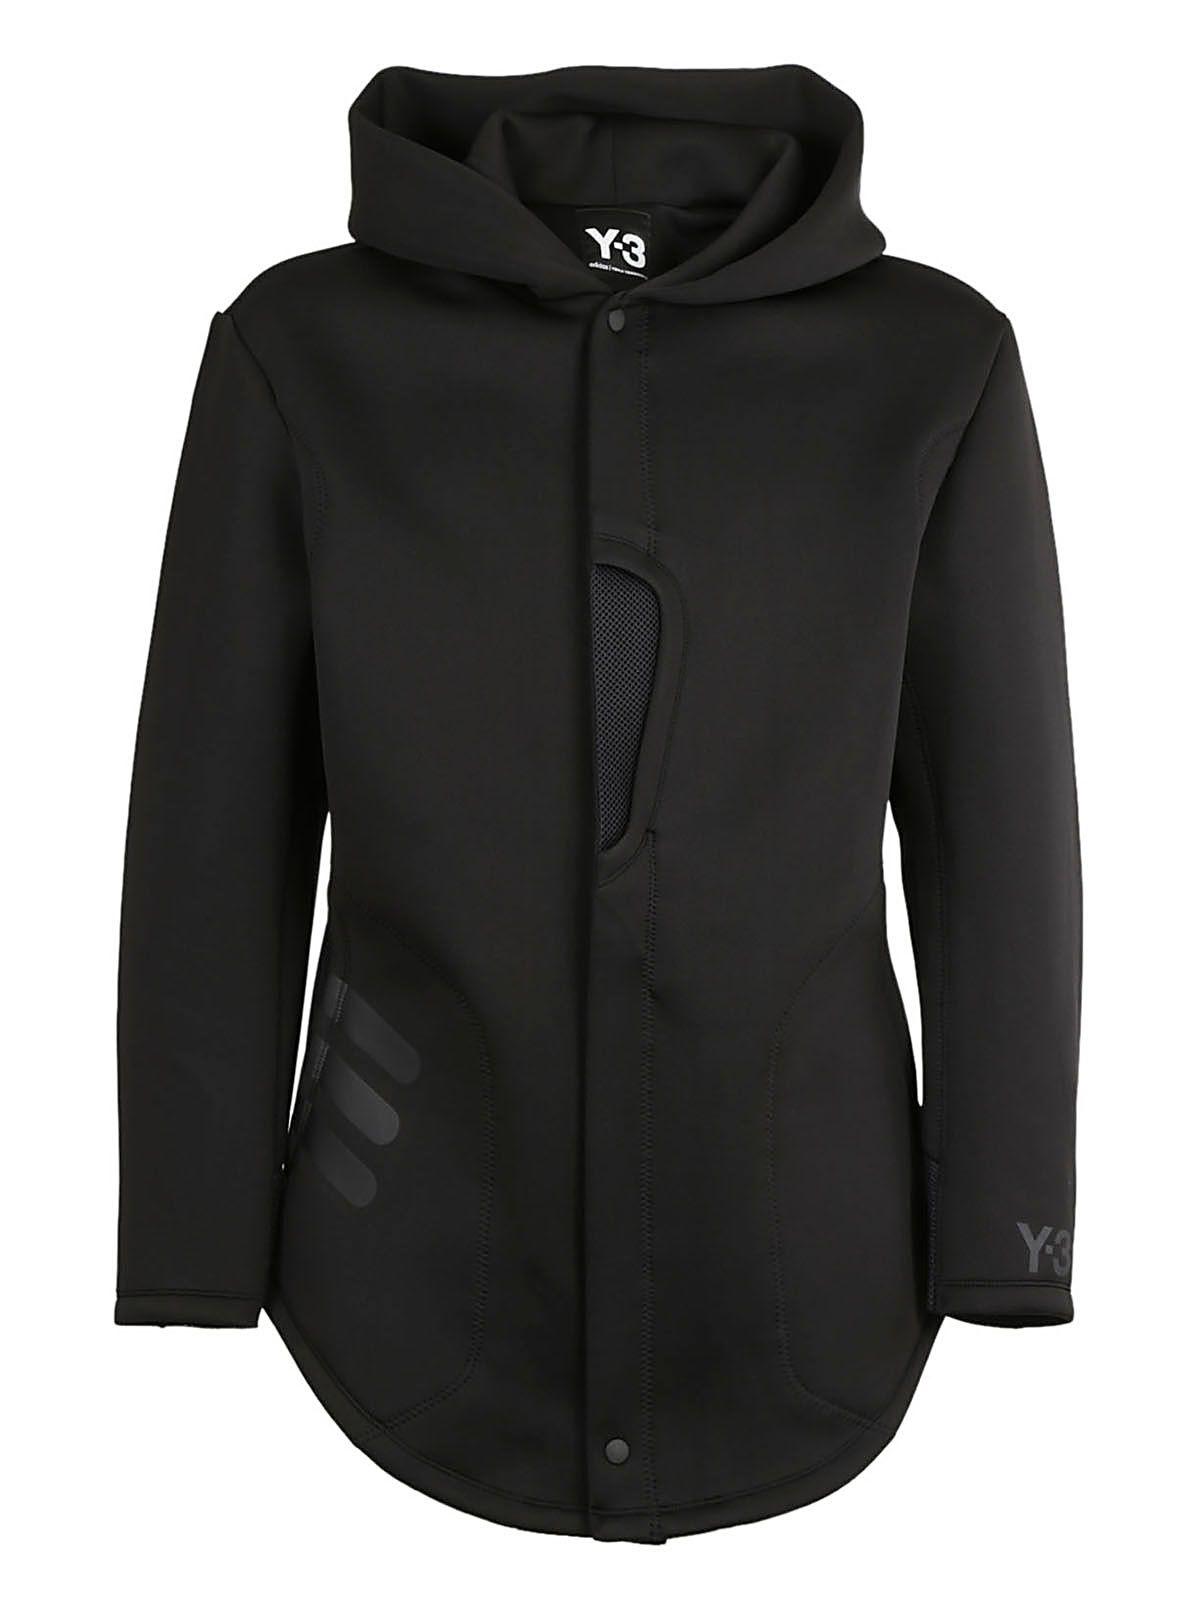 Adidas Y-3 Hooded Jacket